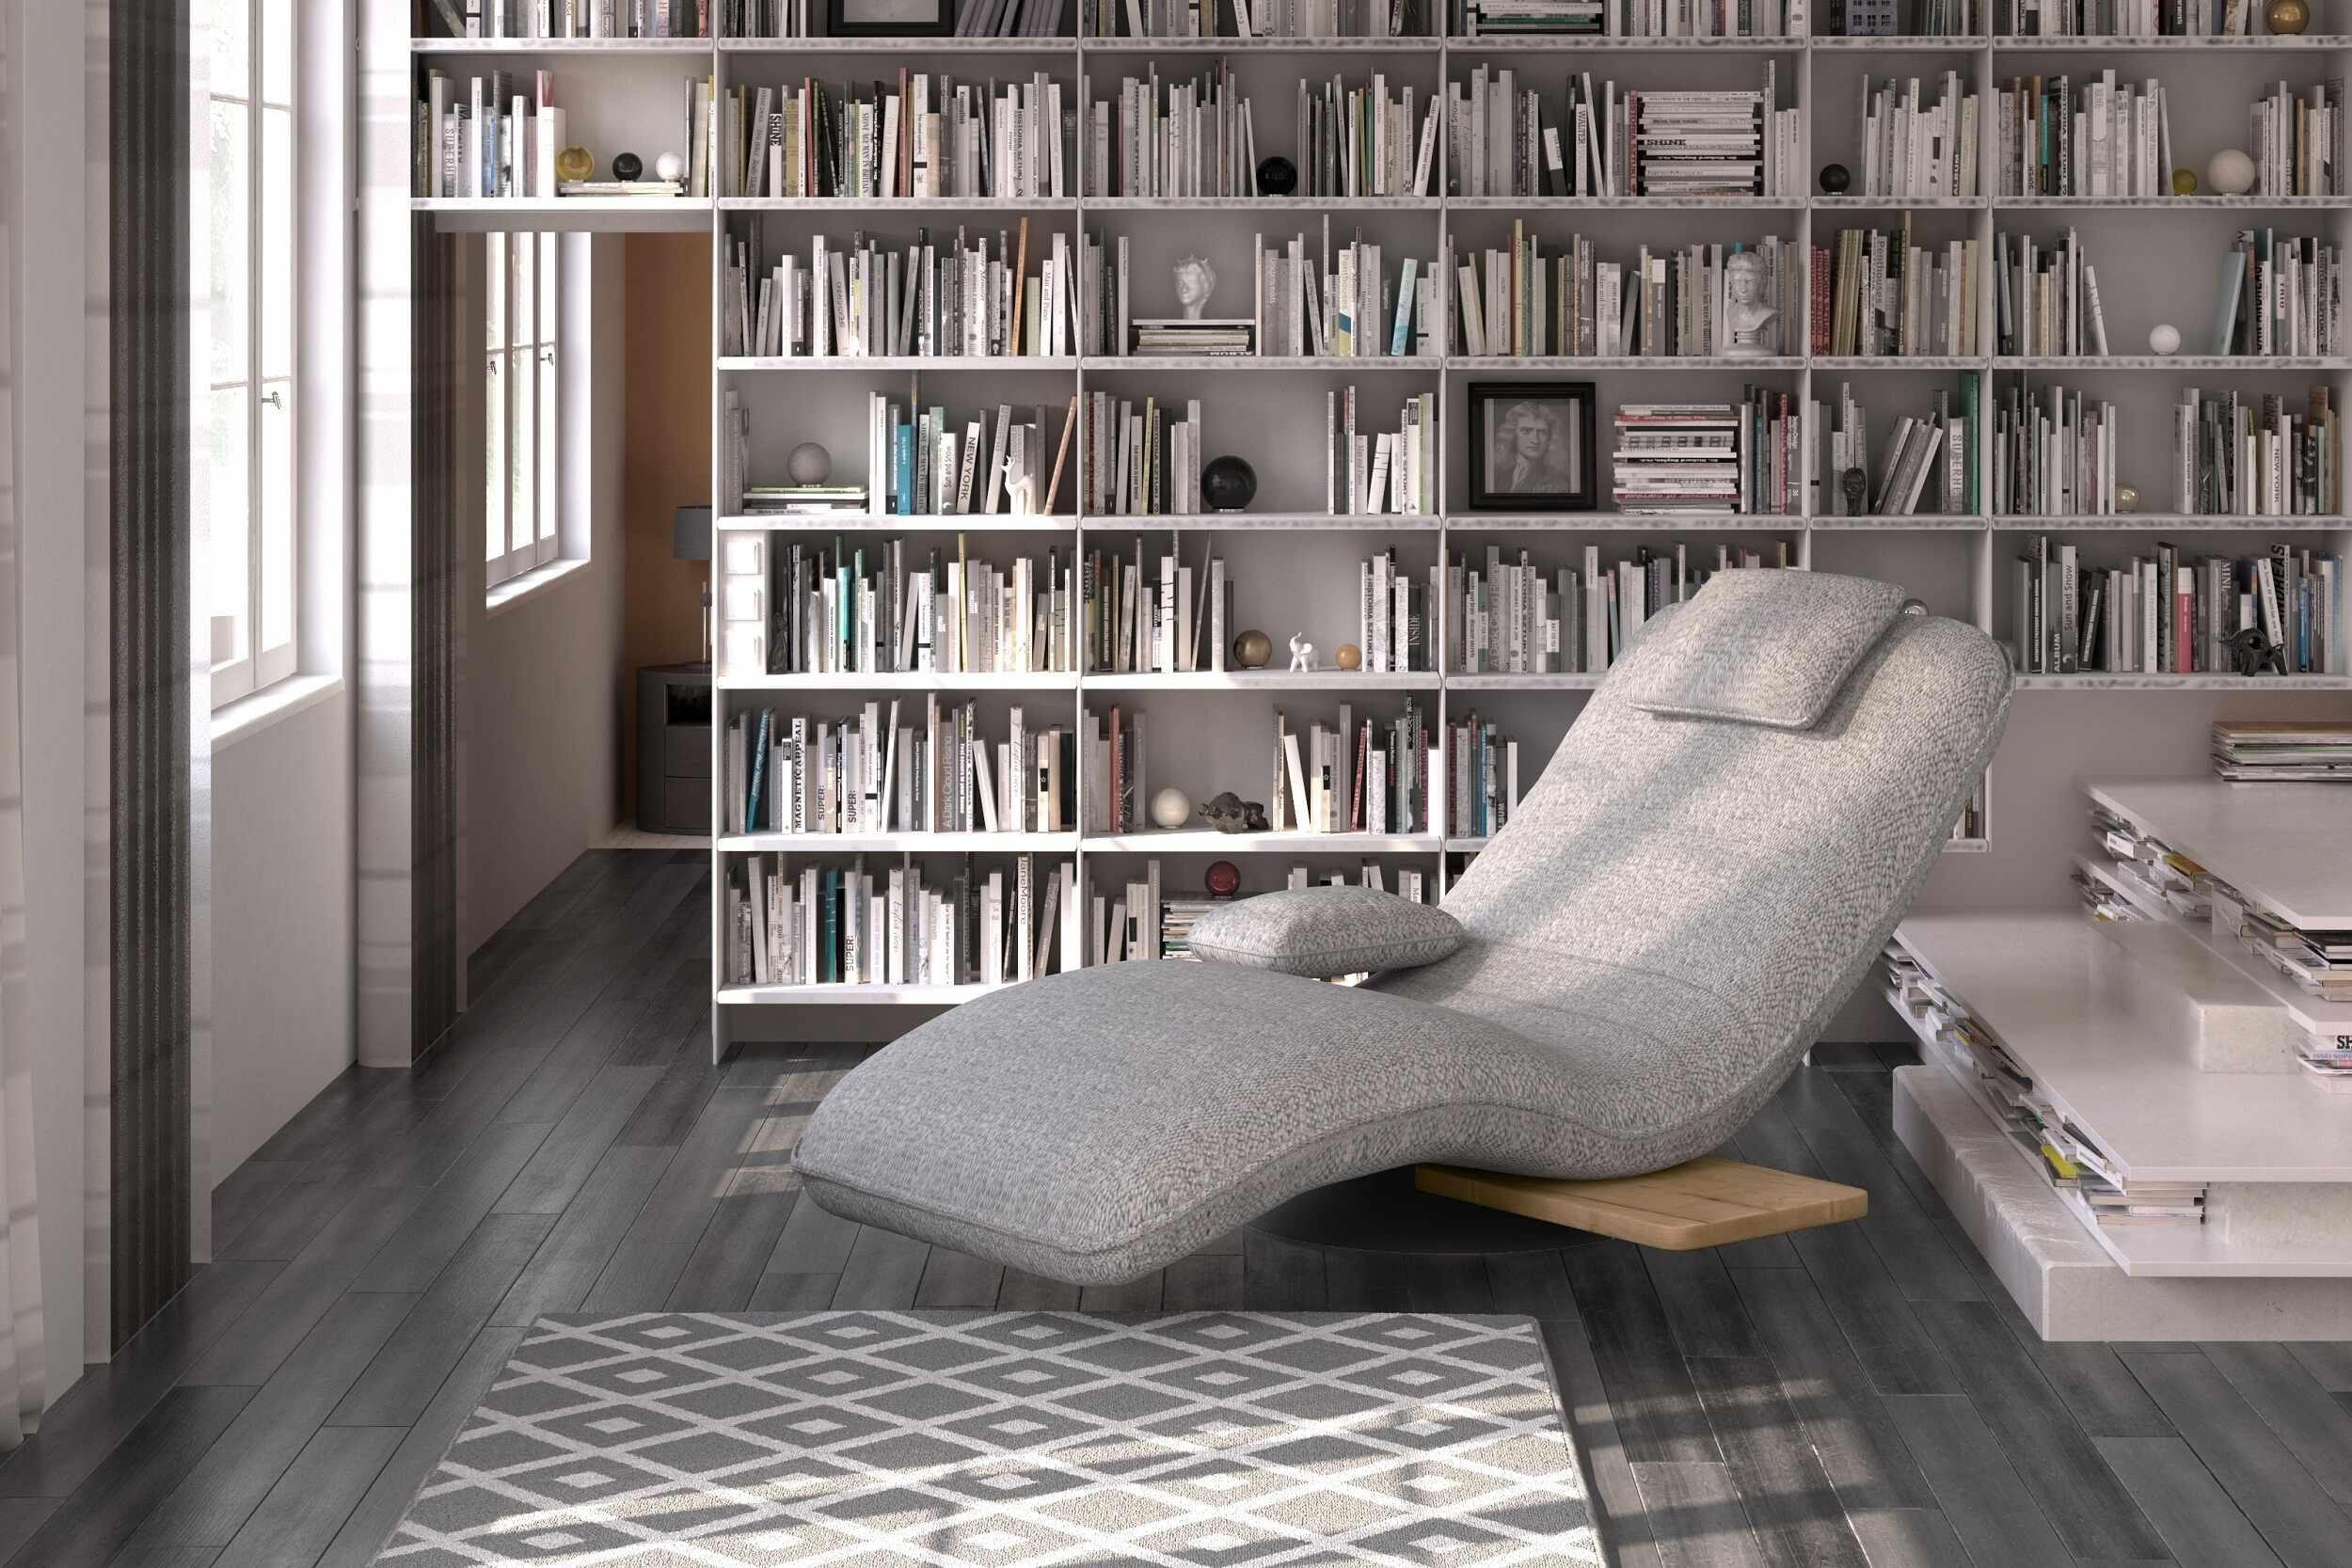 Fotoliu sezlong relaxare, tapitat cu stofa Evo Gri, l78xA163xH86 cm la pret 3031 lei